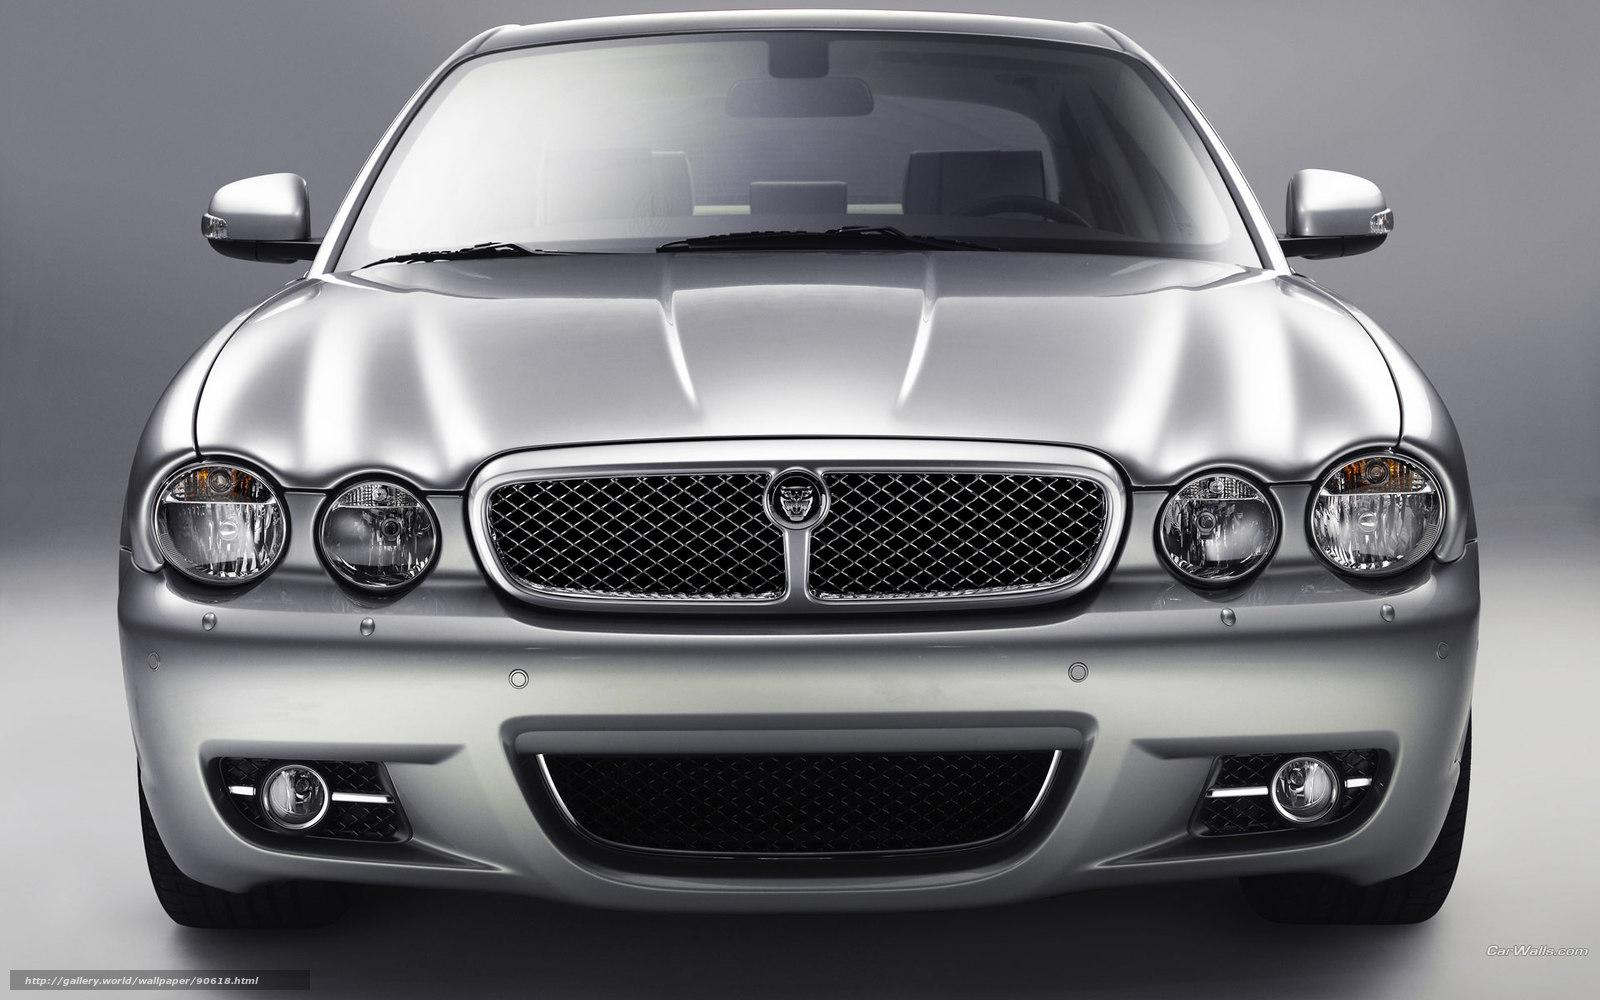 Скачать обои Jaguar,  XJ,  авто,  машины бесплатно для рабочего стола в разрешении 1920x1200 — картинка №90618